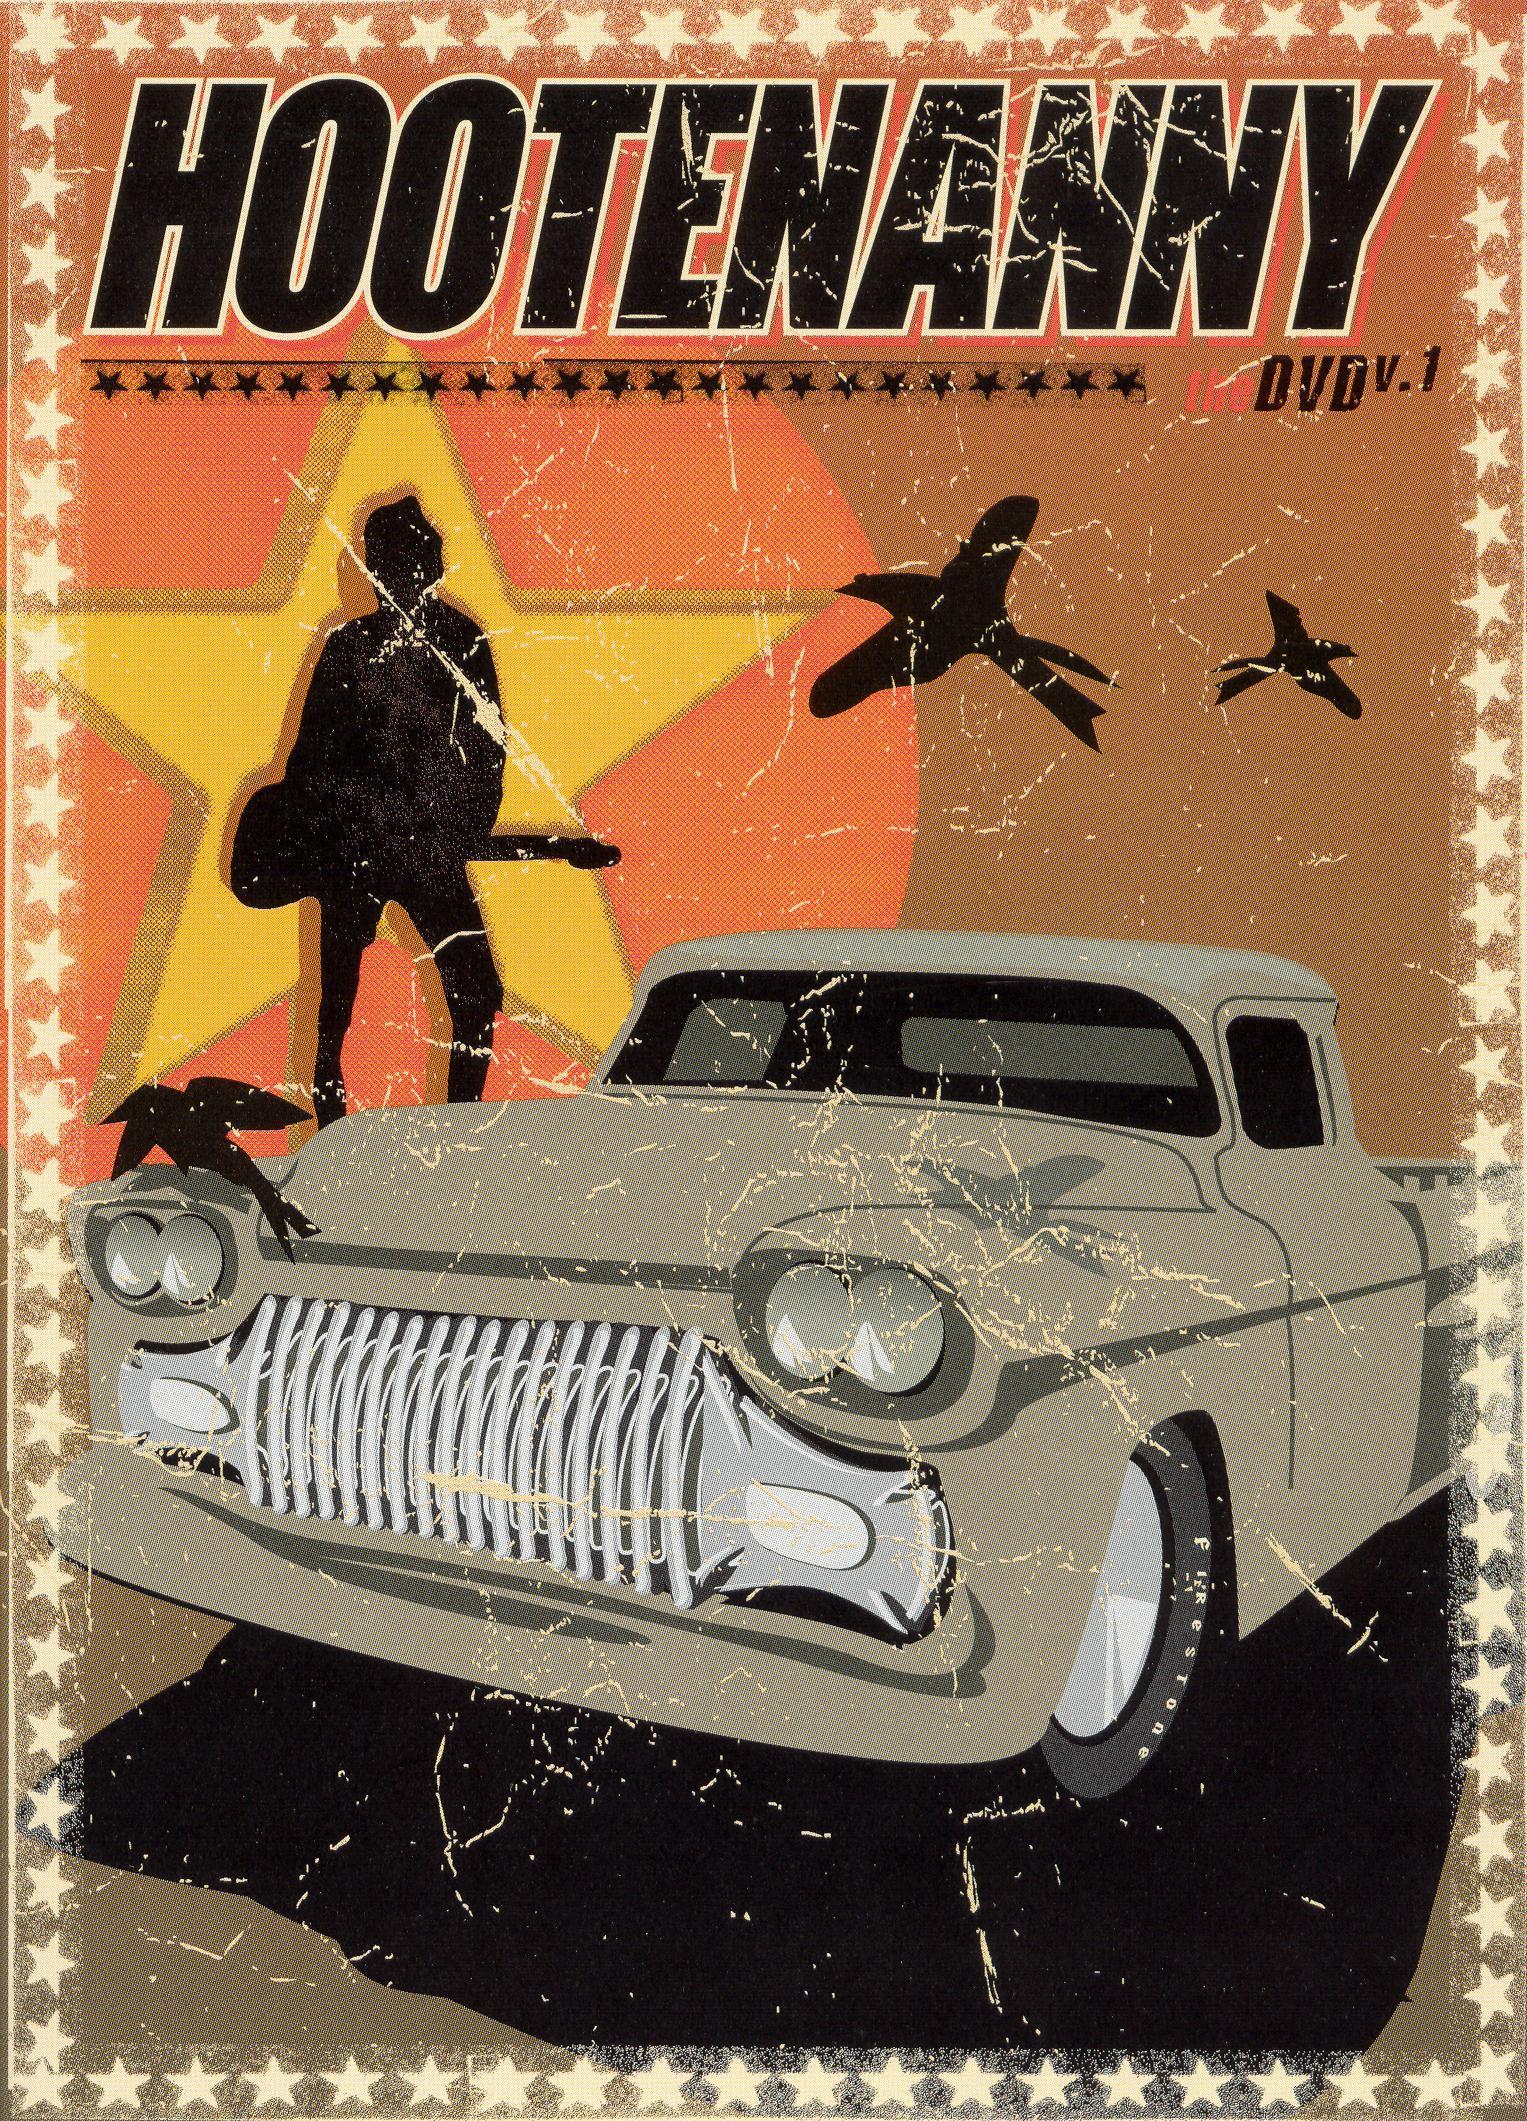 Hootenanny the DVD, Vol. 1